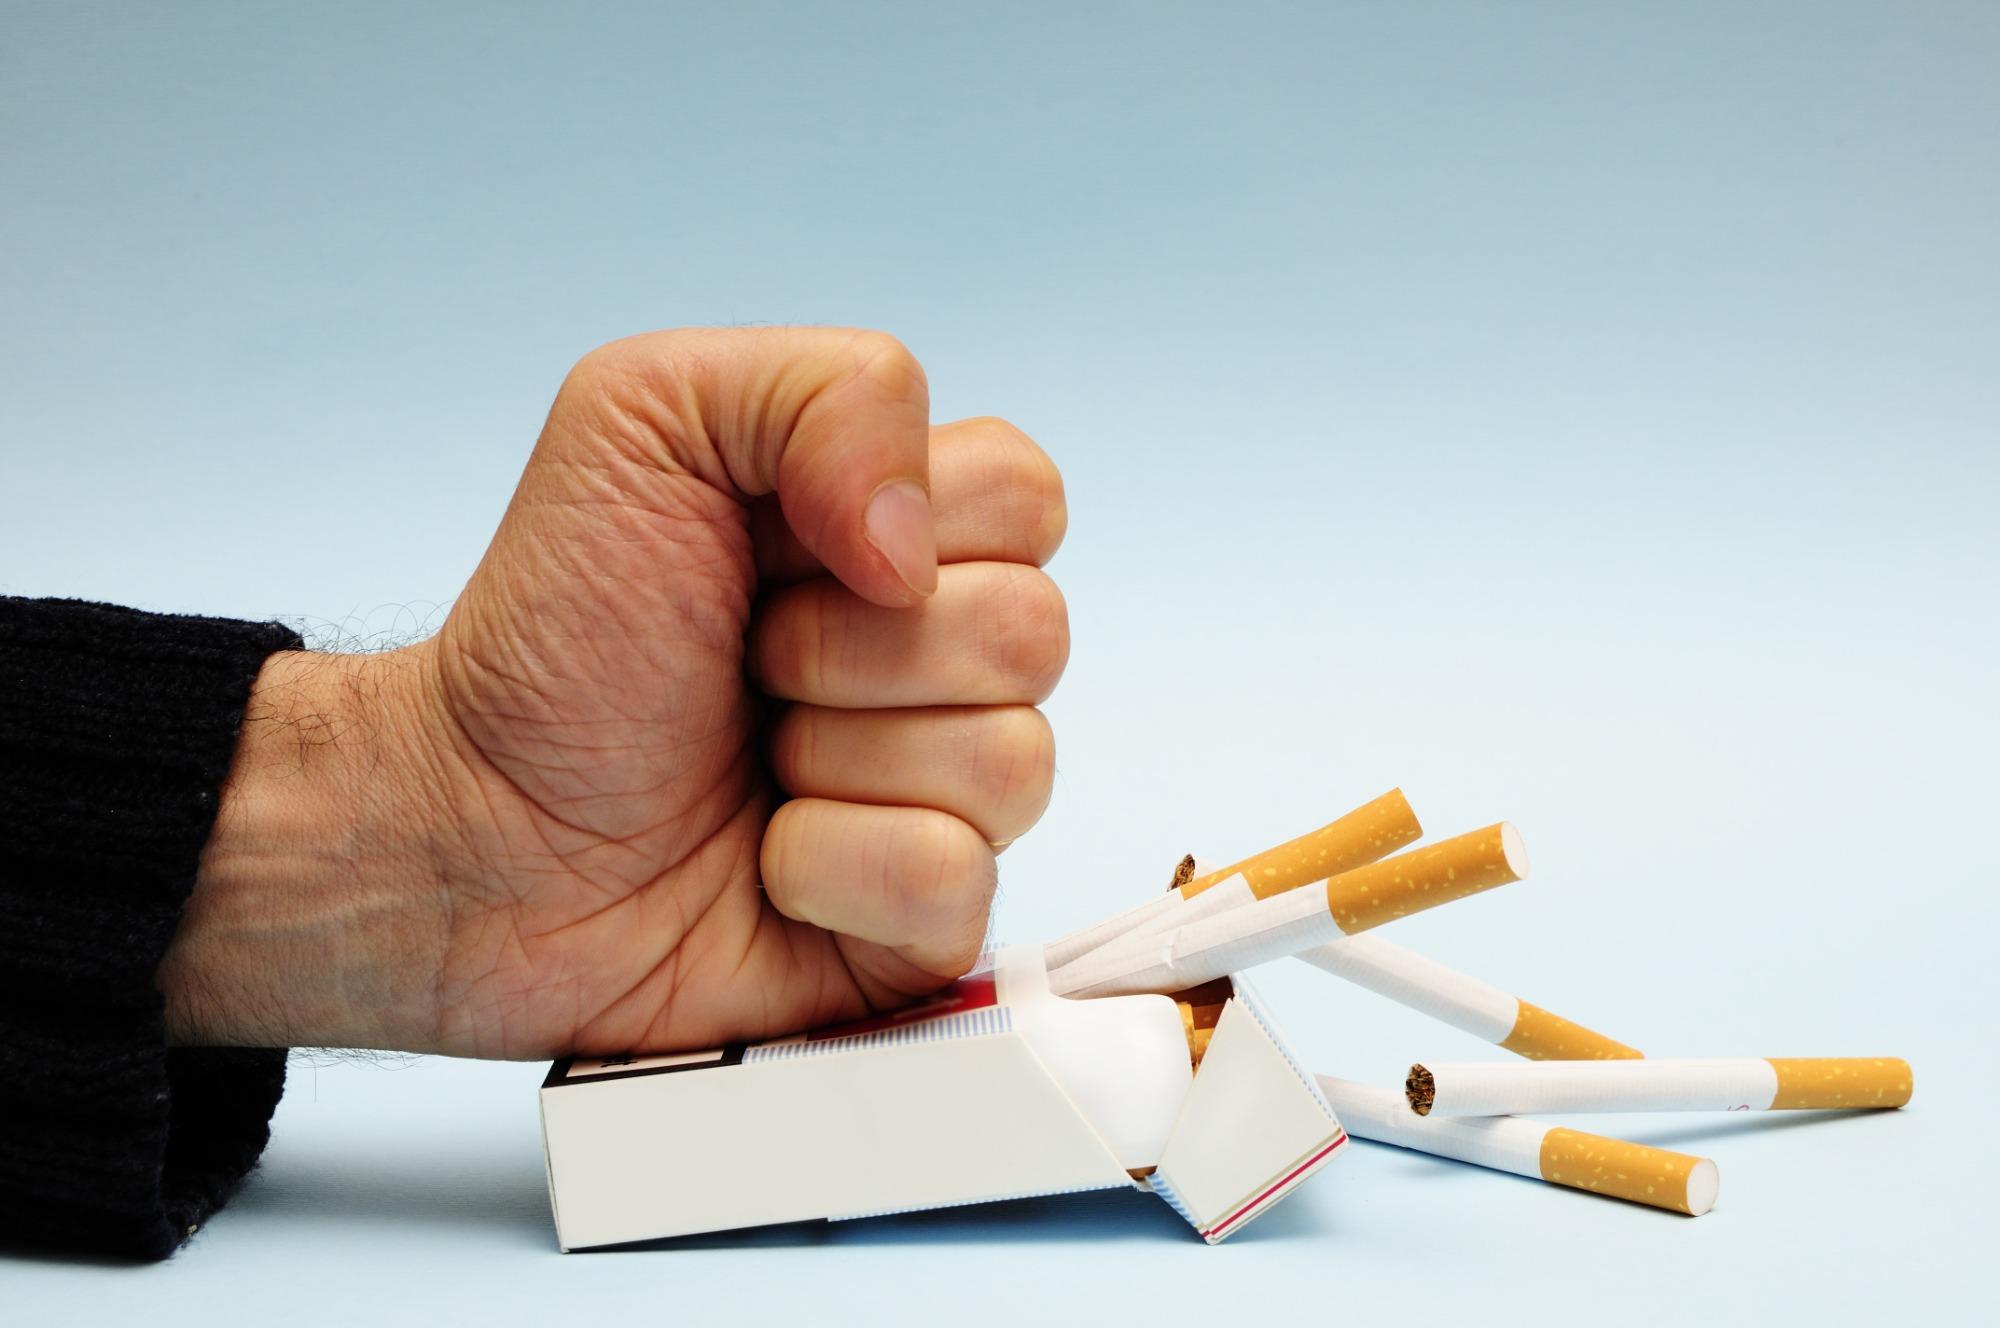 Hoe vind je de juiste motivatie bij het stoppen met roken?